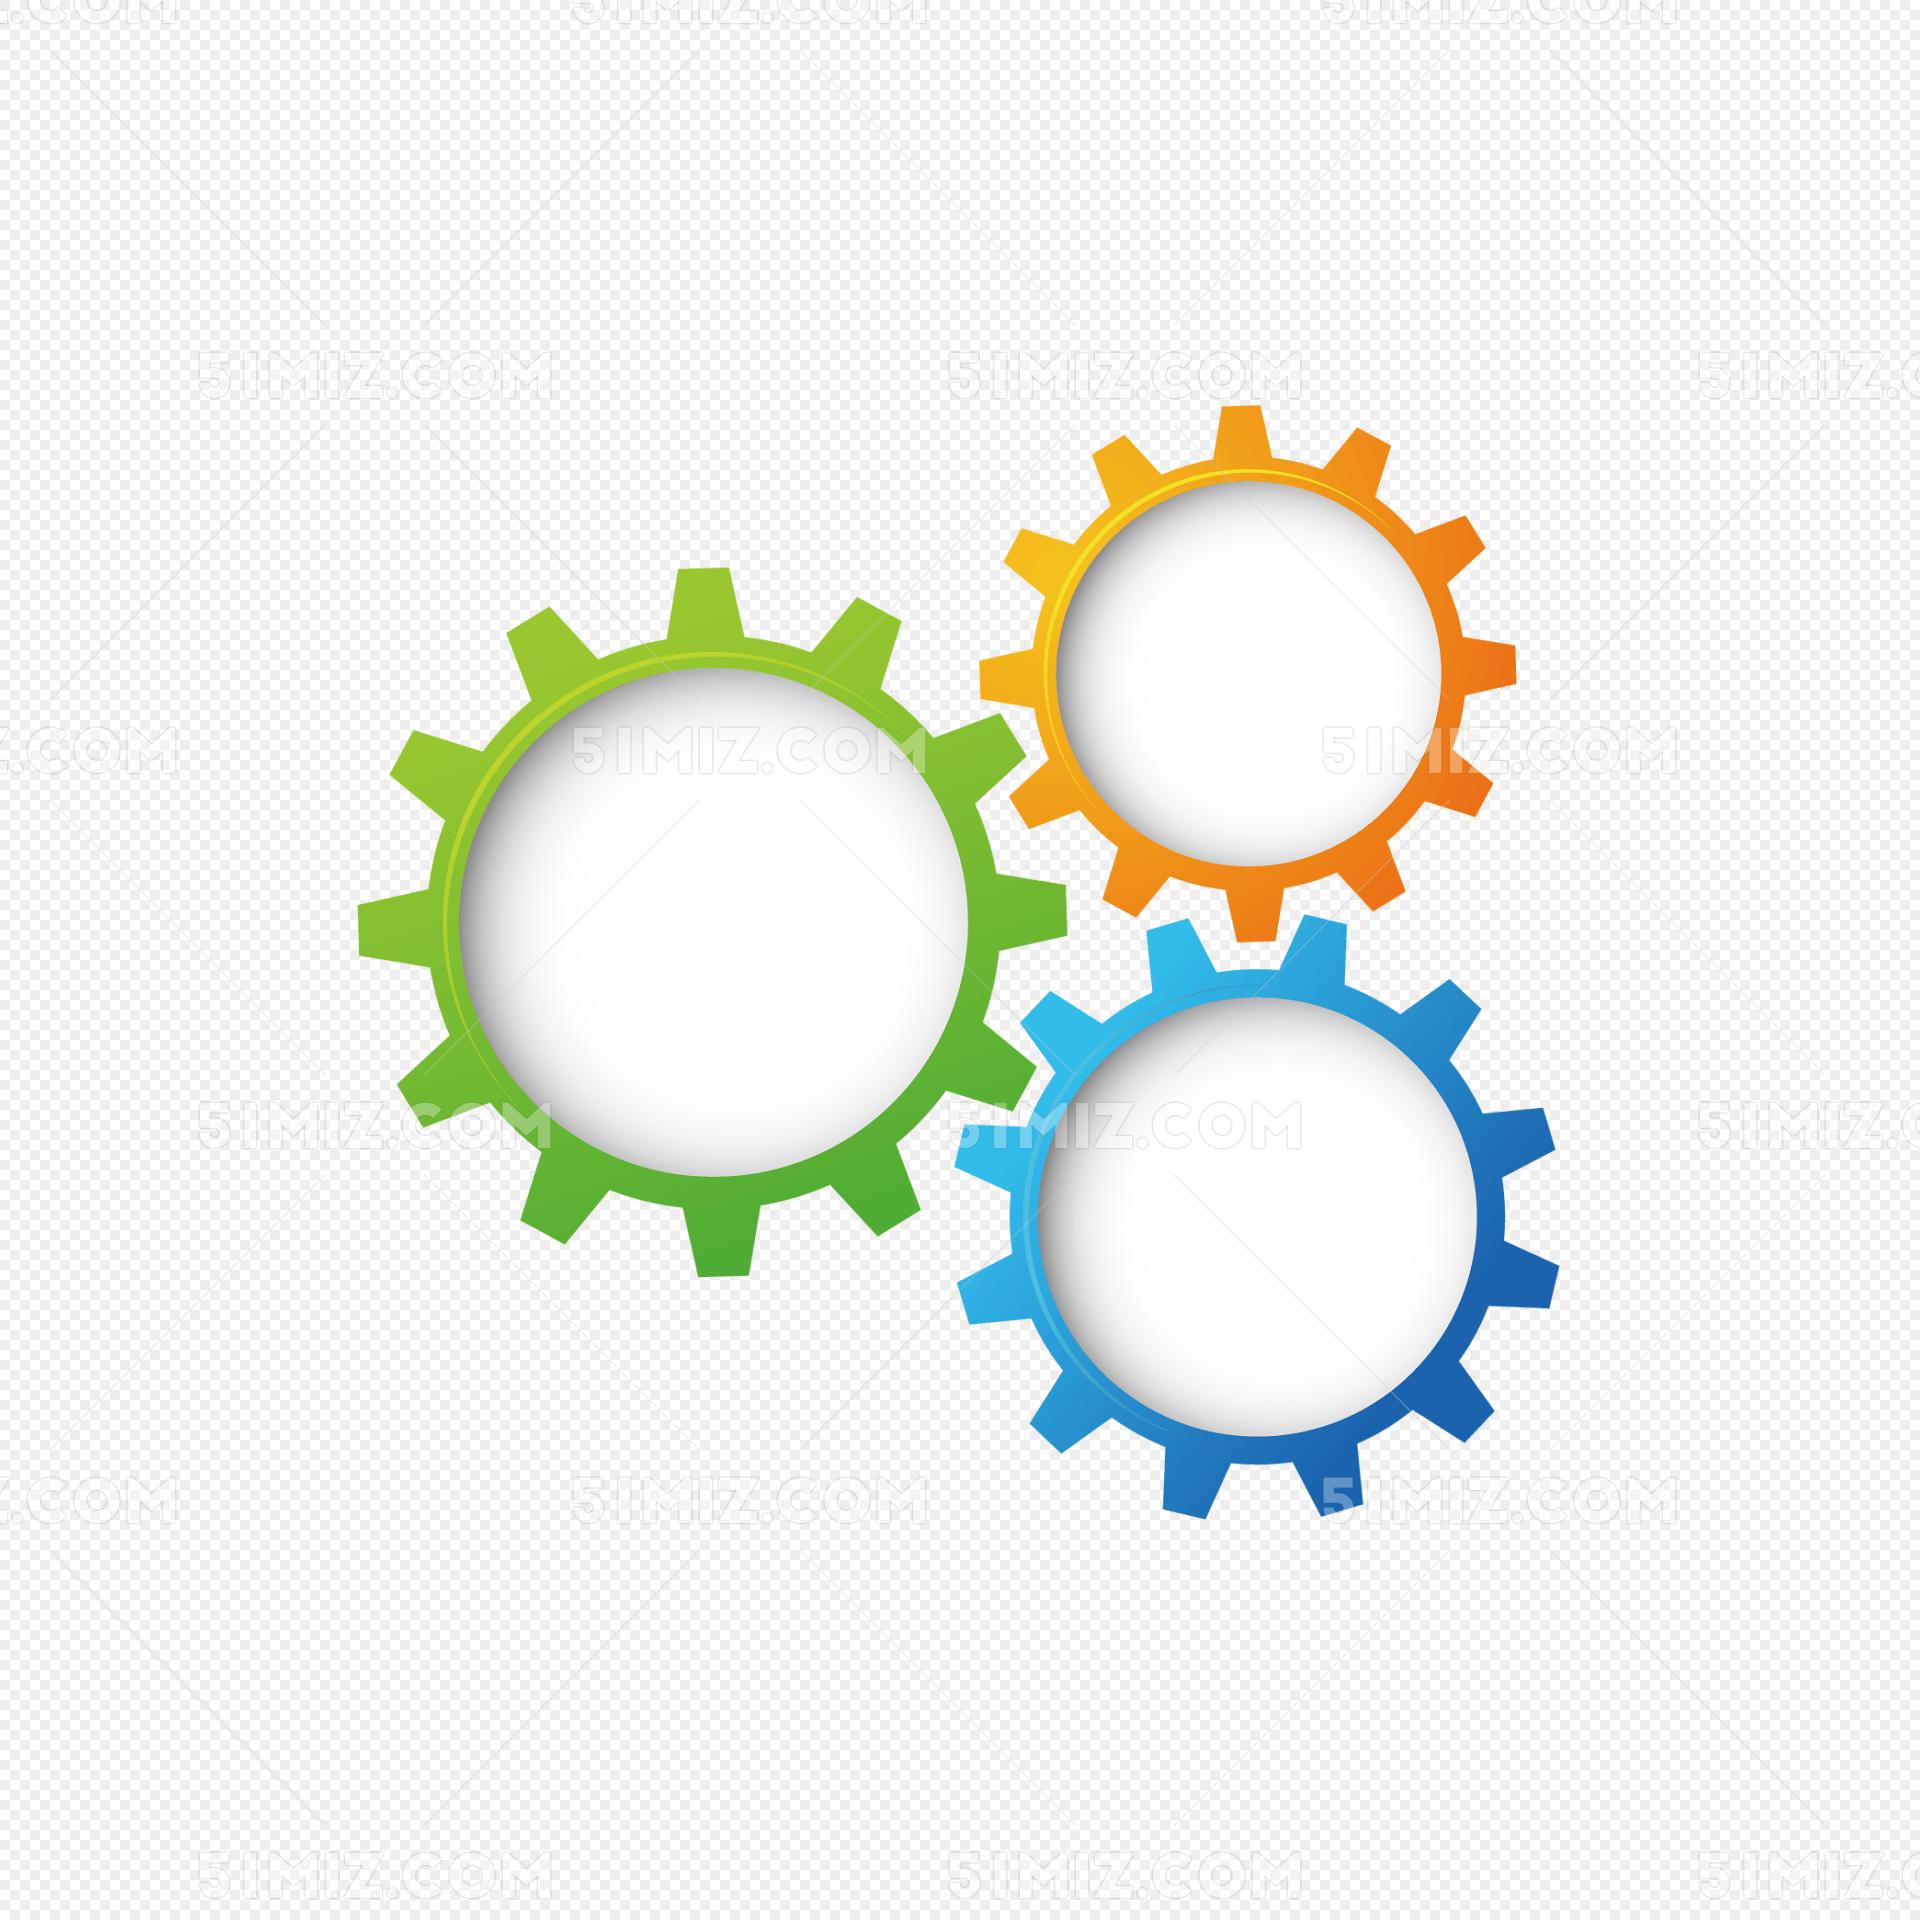 矢量ppt设计小齿轮形图标免费下载_png素材_觅知网